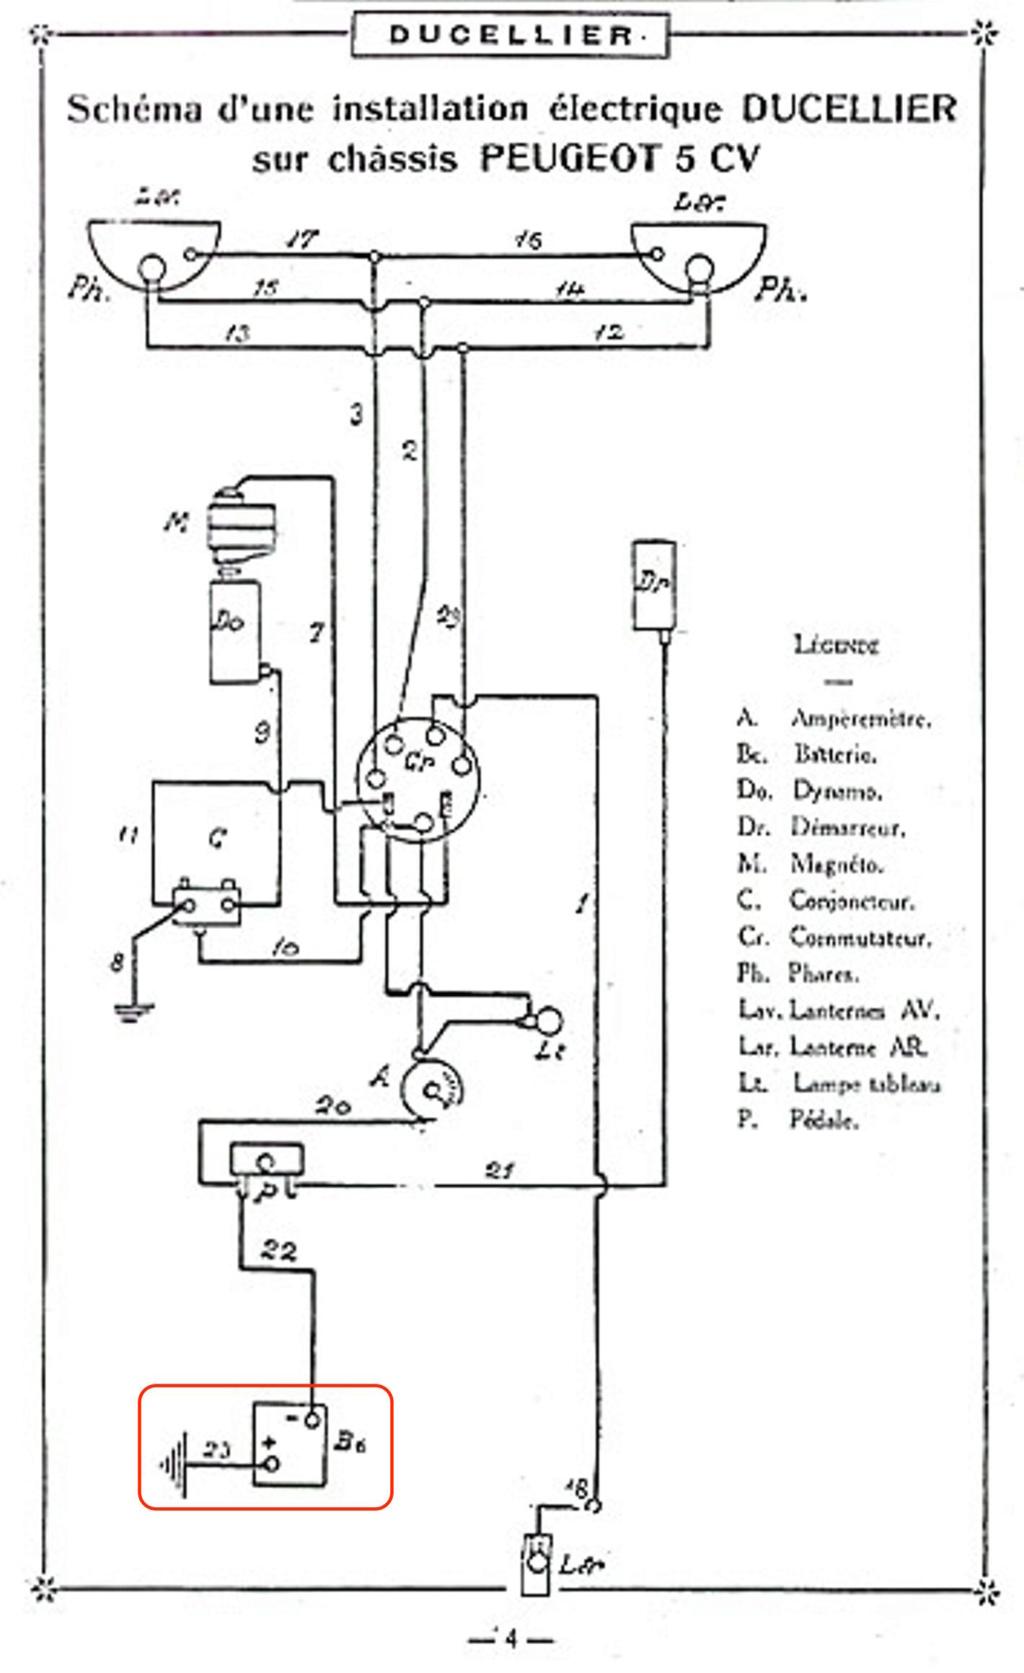 Des Peugeot avant les 01, équipées électriquement en DUCELLIER, avec le positif à la masse (au châssis). Exemple : la 190 S Schema12